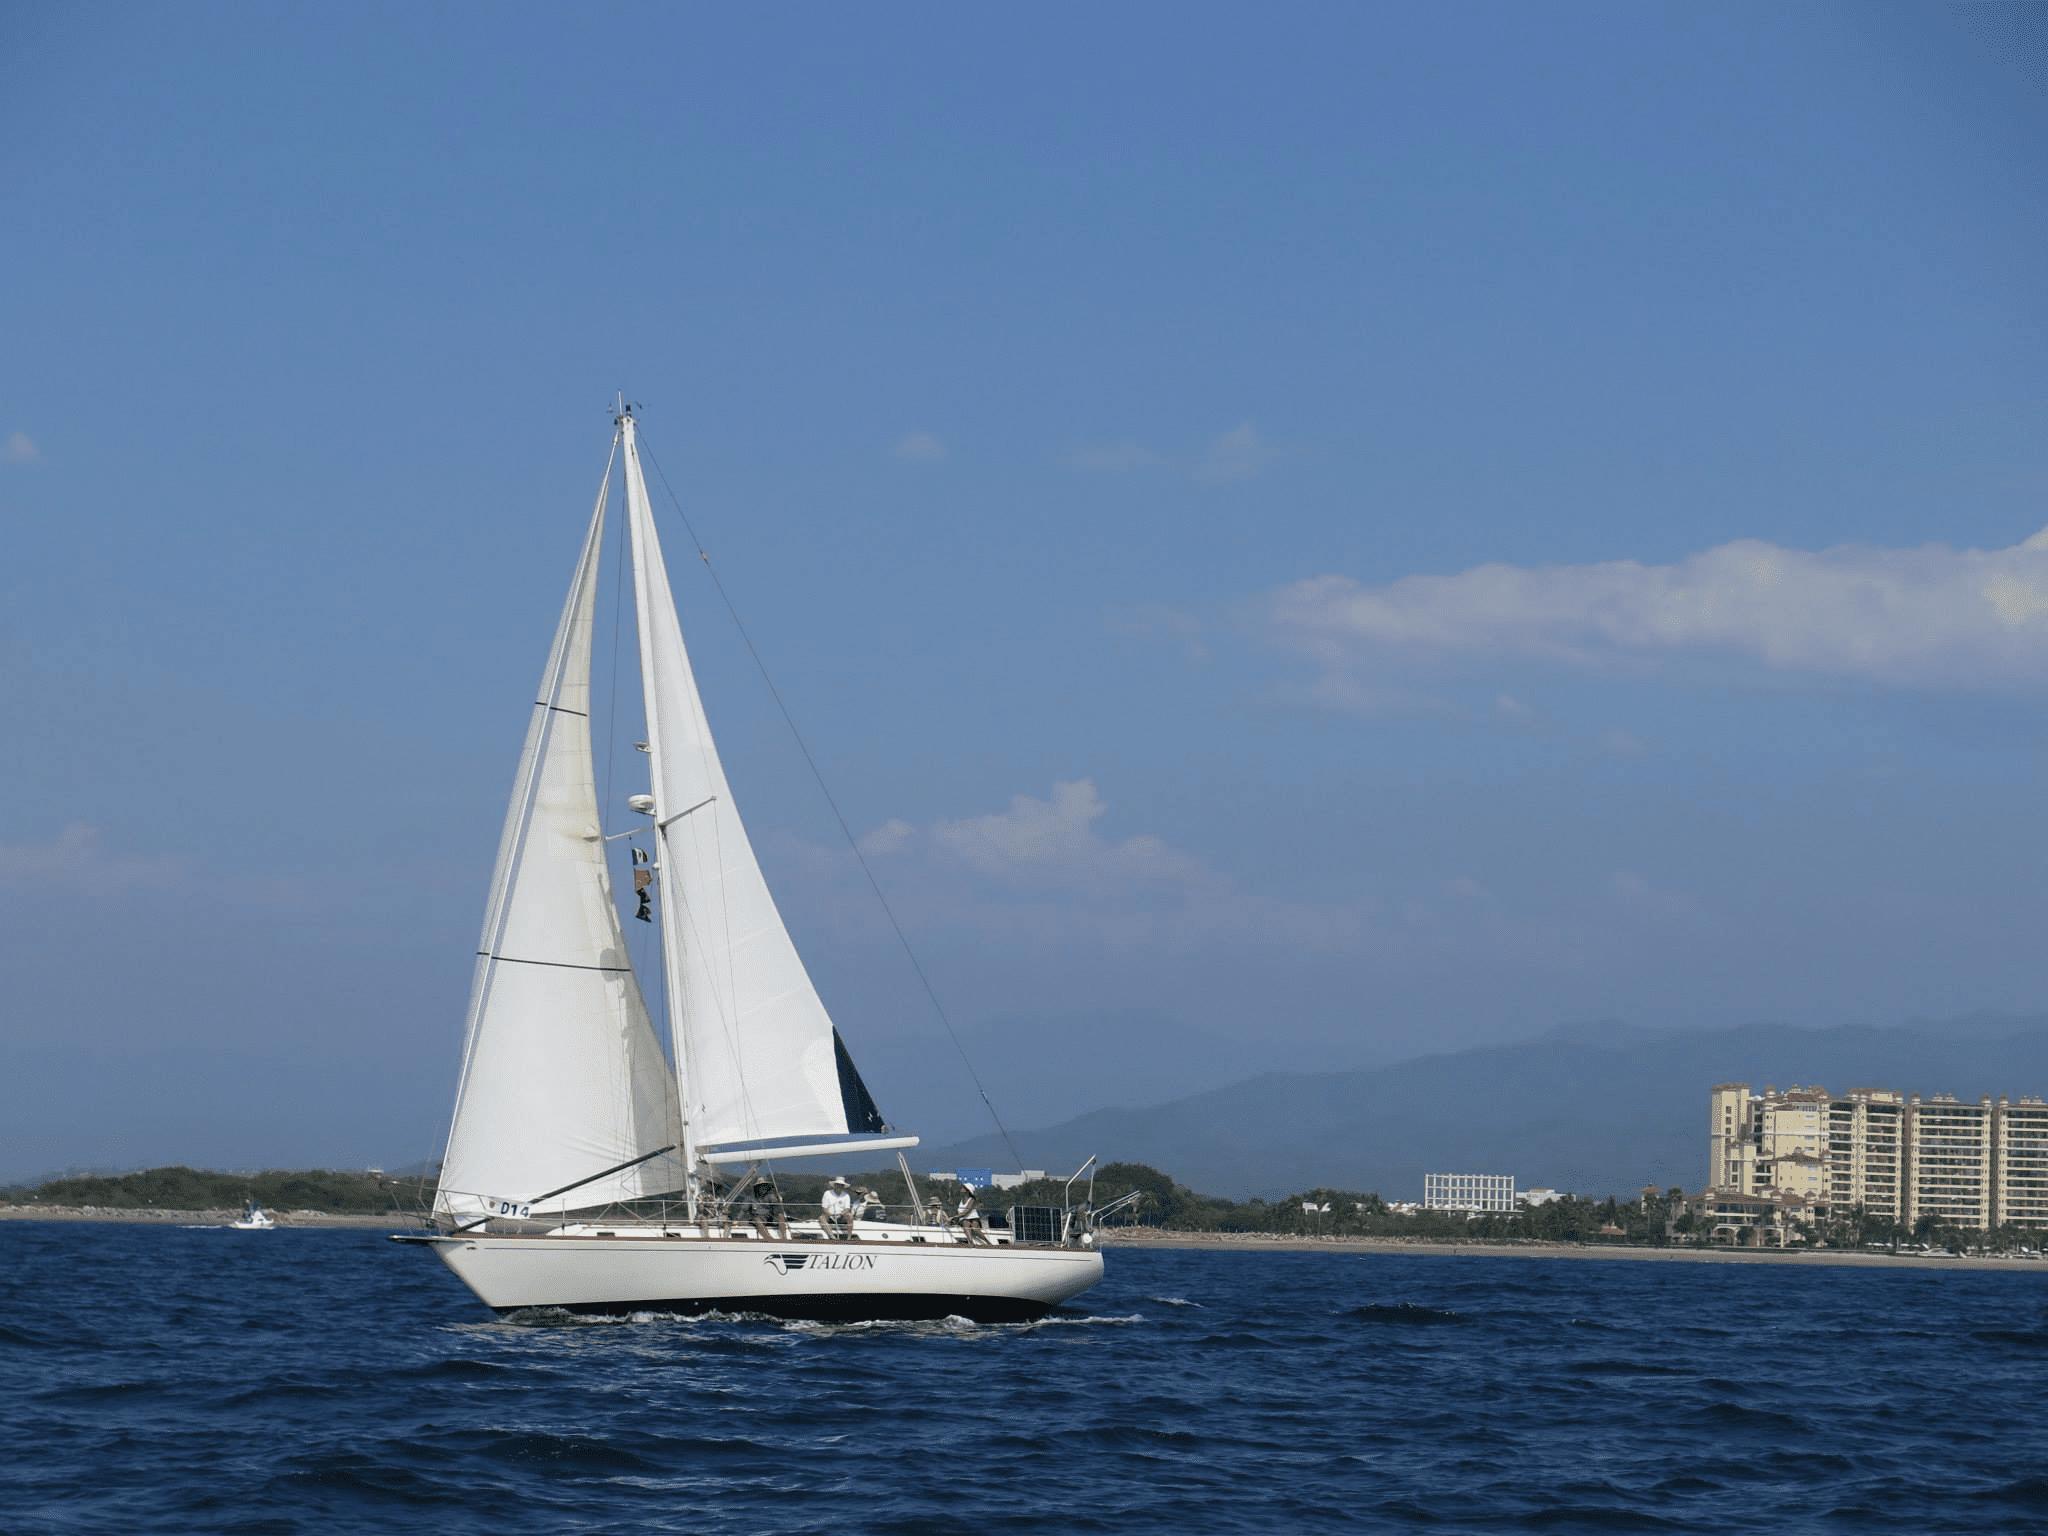 Sailboat on water at International Banderas Bay Regatta